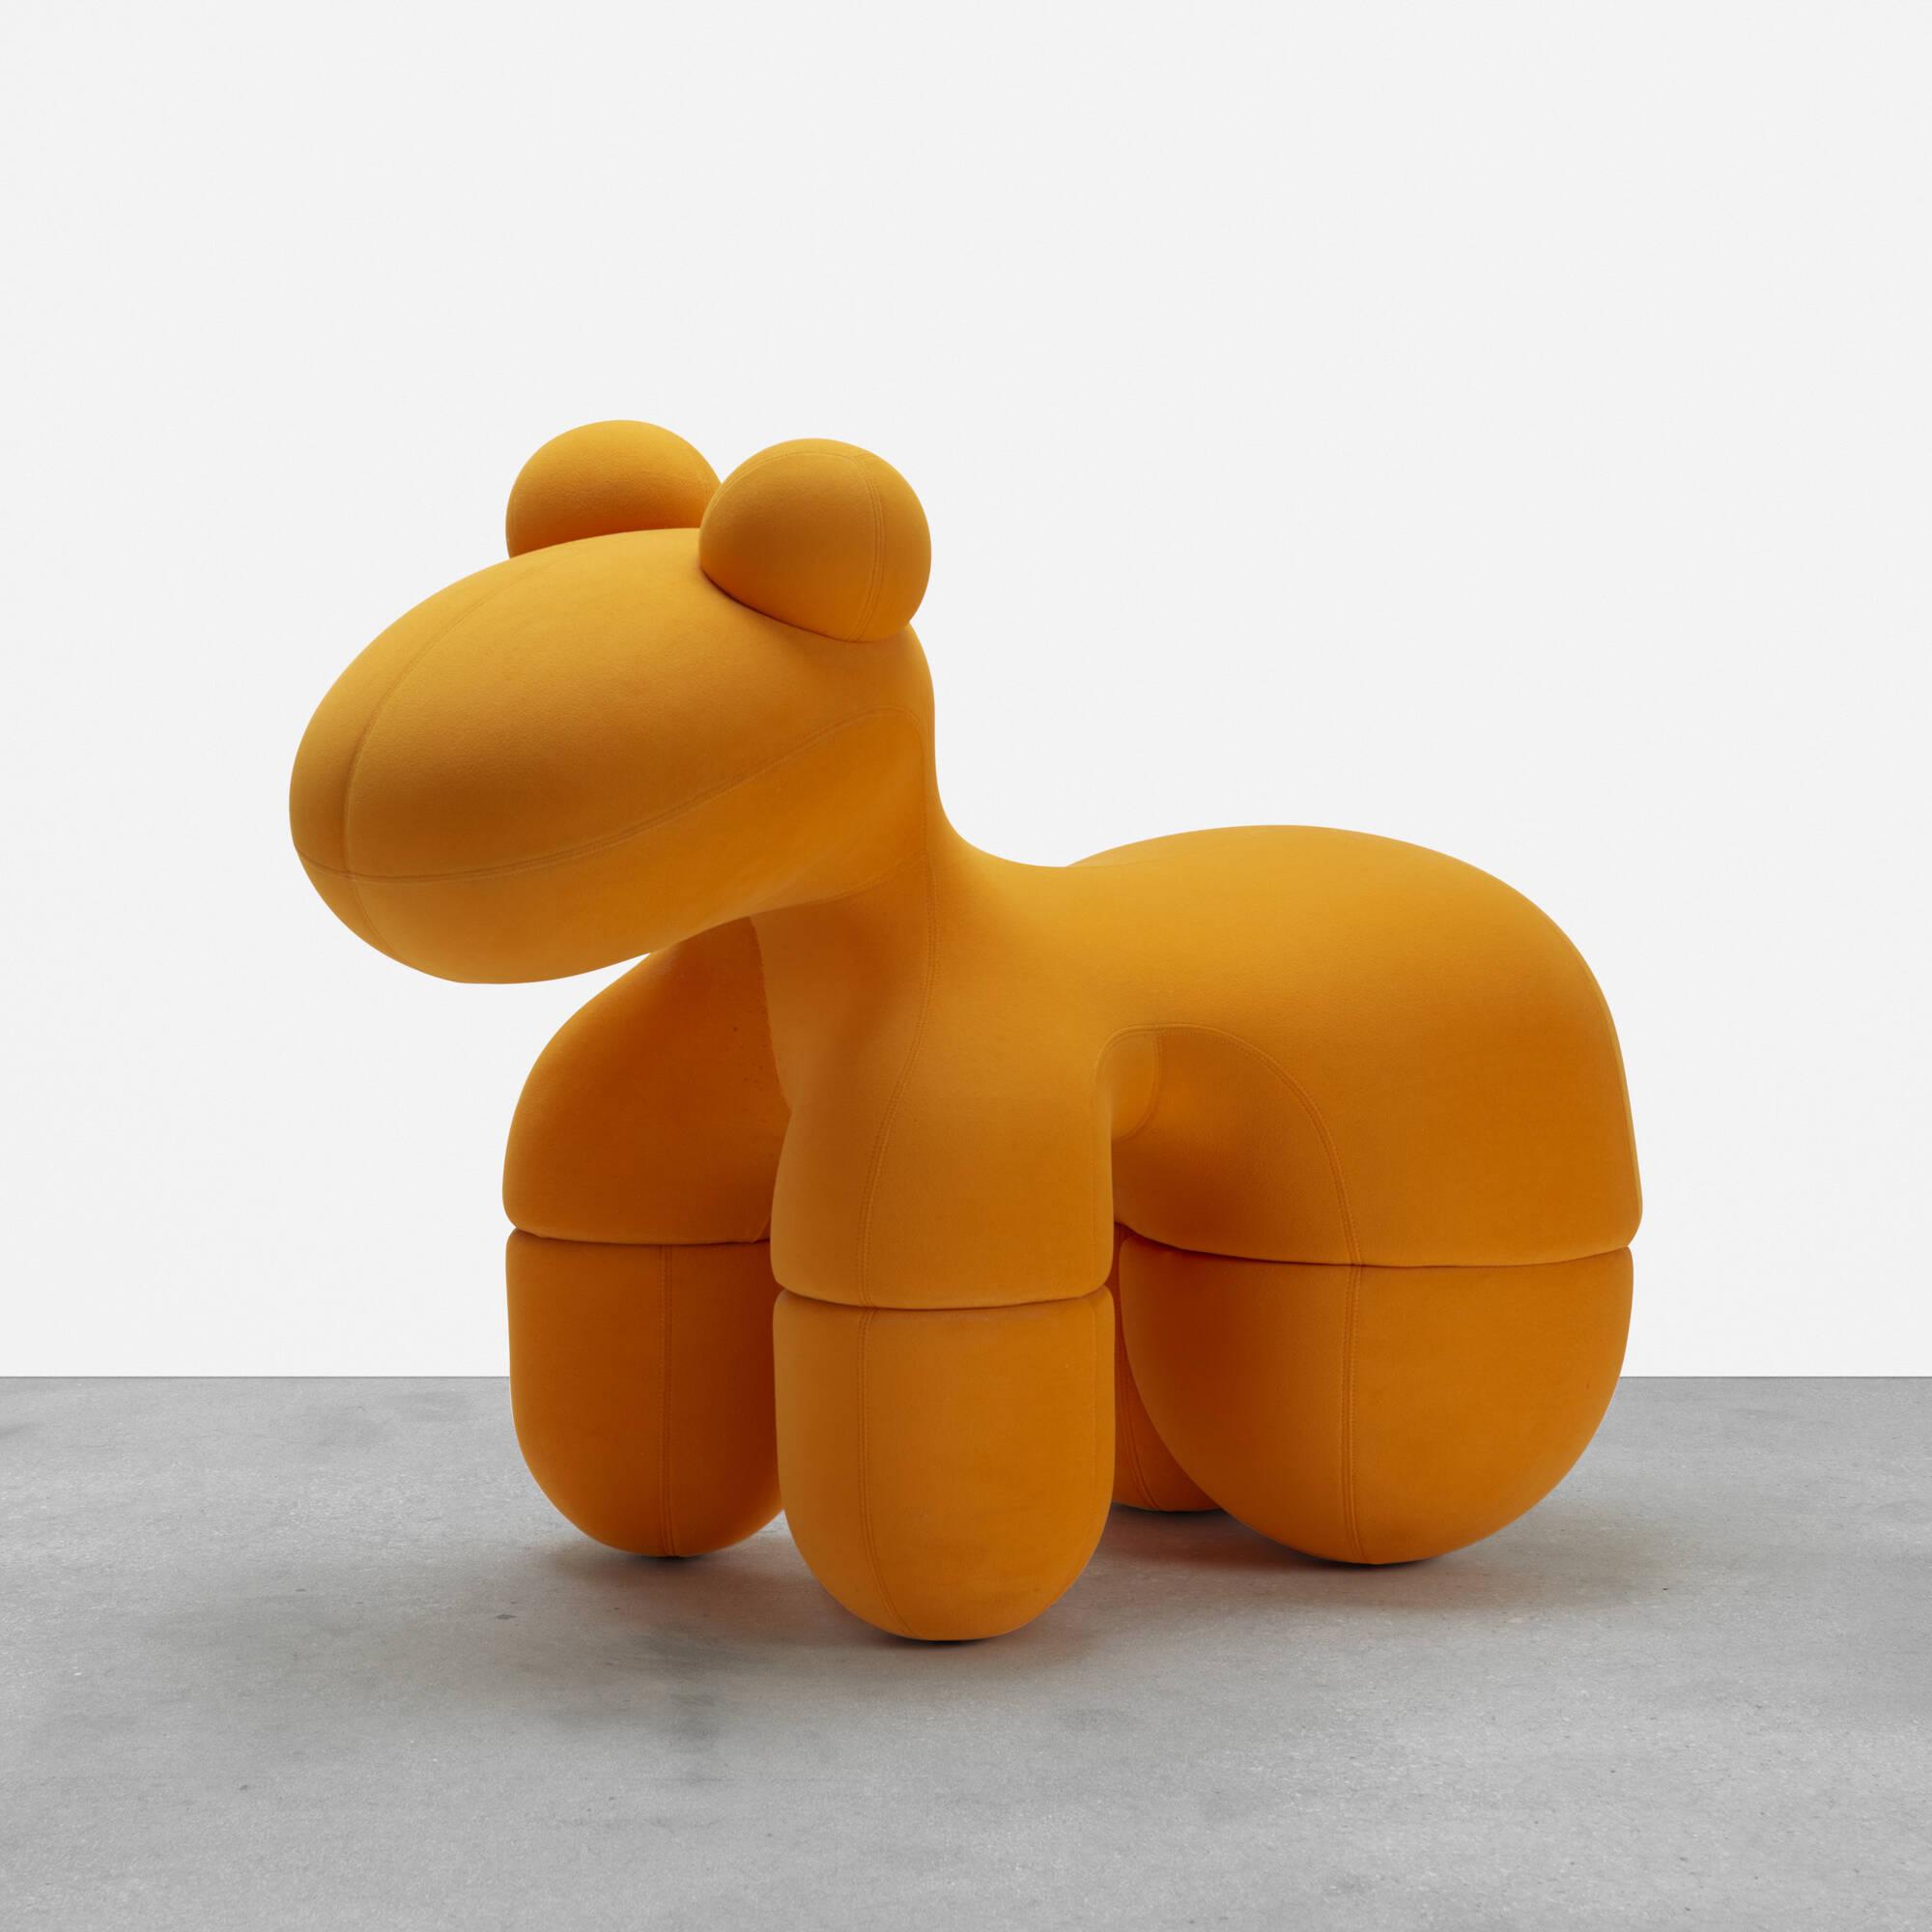 275: Eero Aarnio / Pony chair (1 of 4)